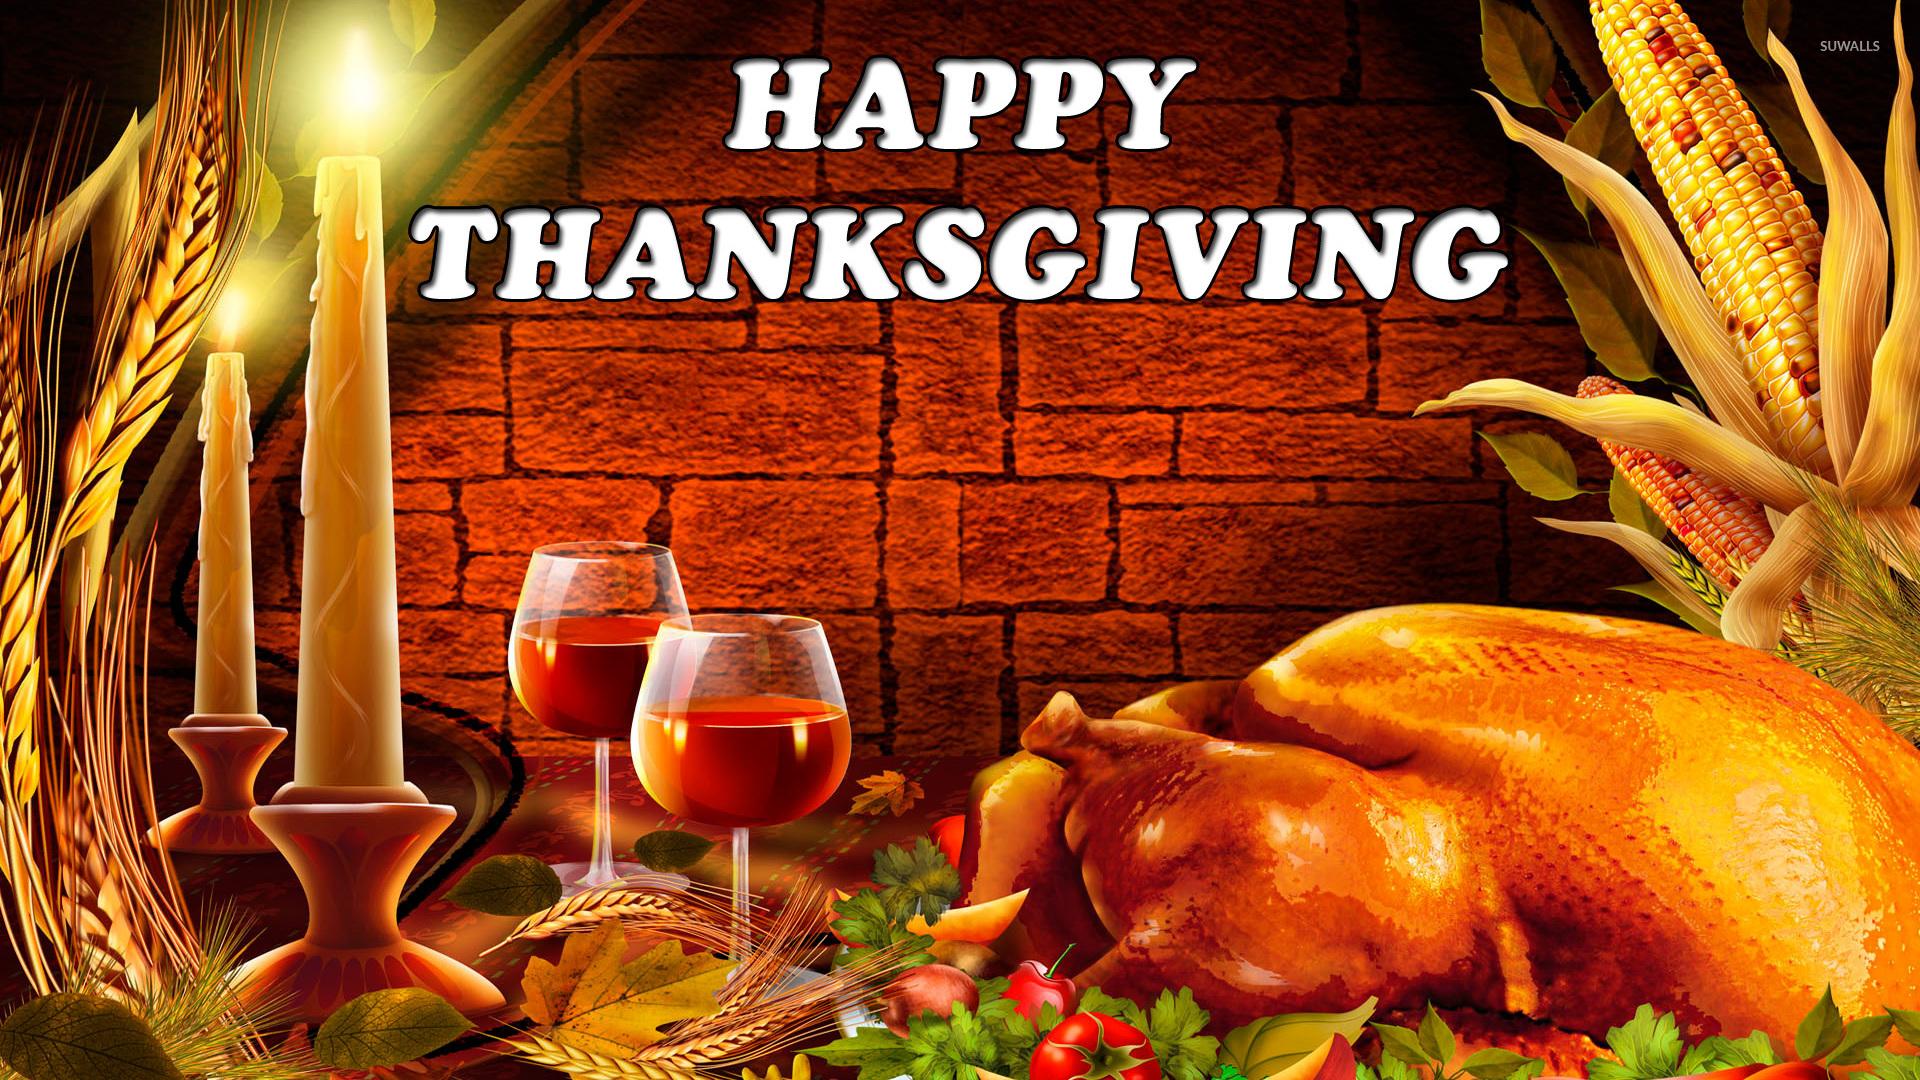 thanksgiving hd wallpaper widescreen 1920x1080 - photo #7